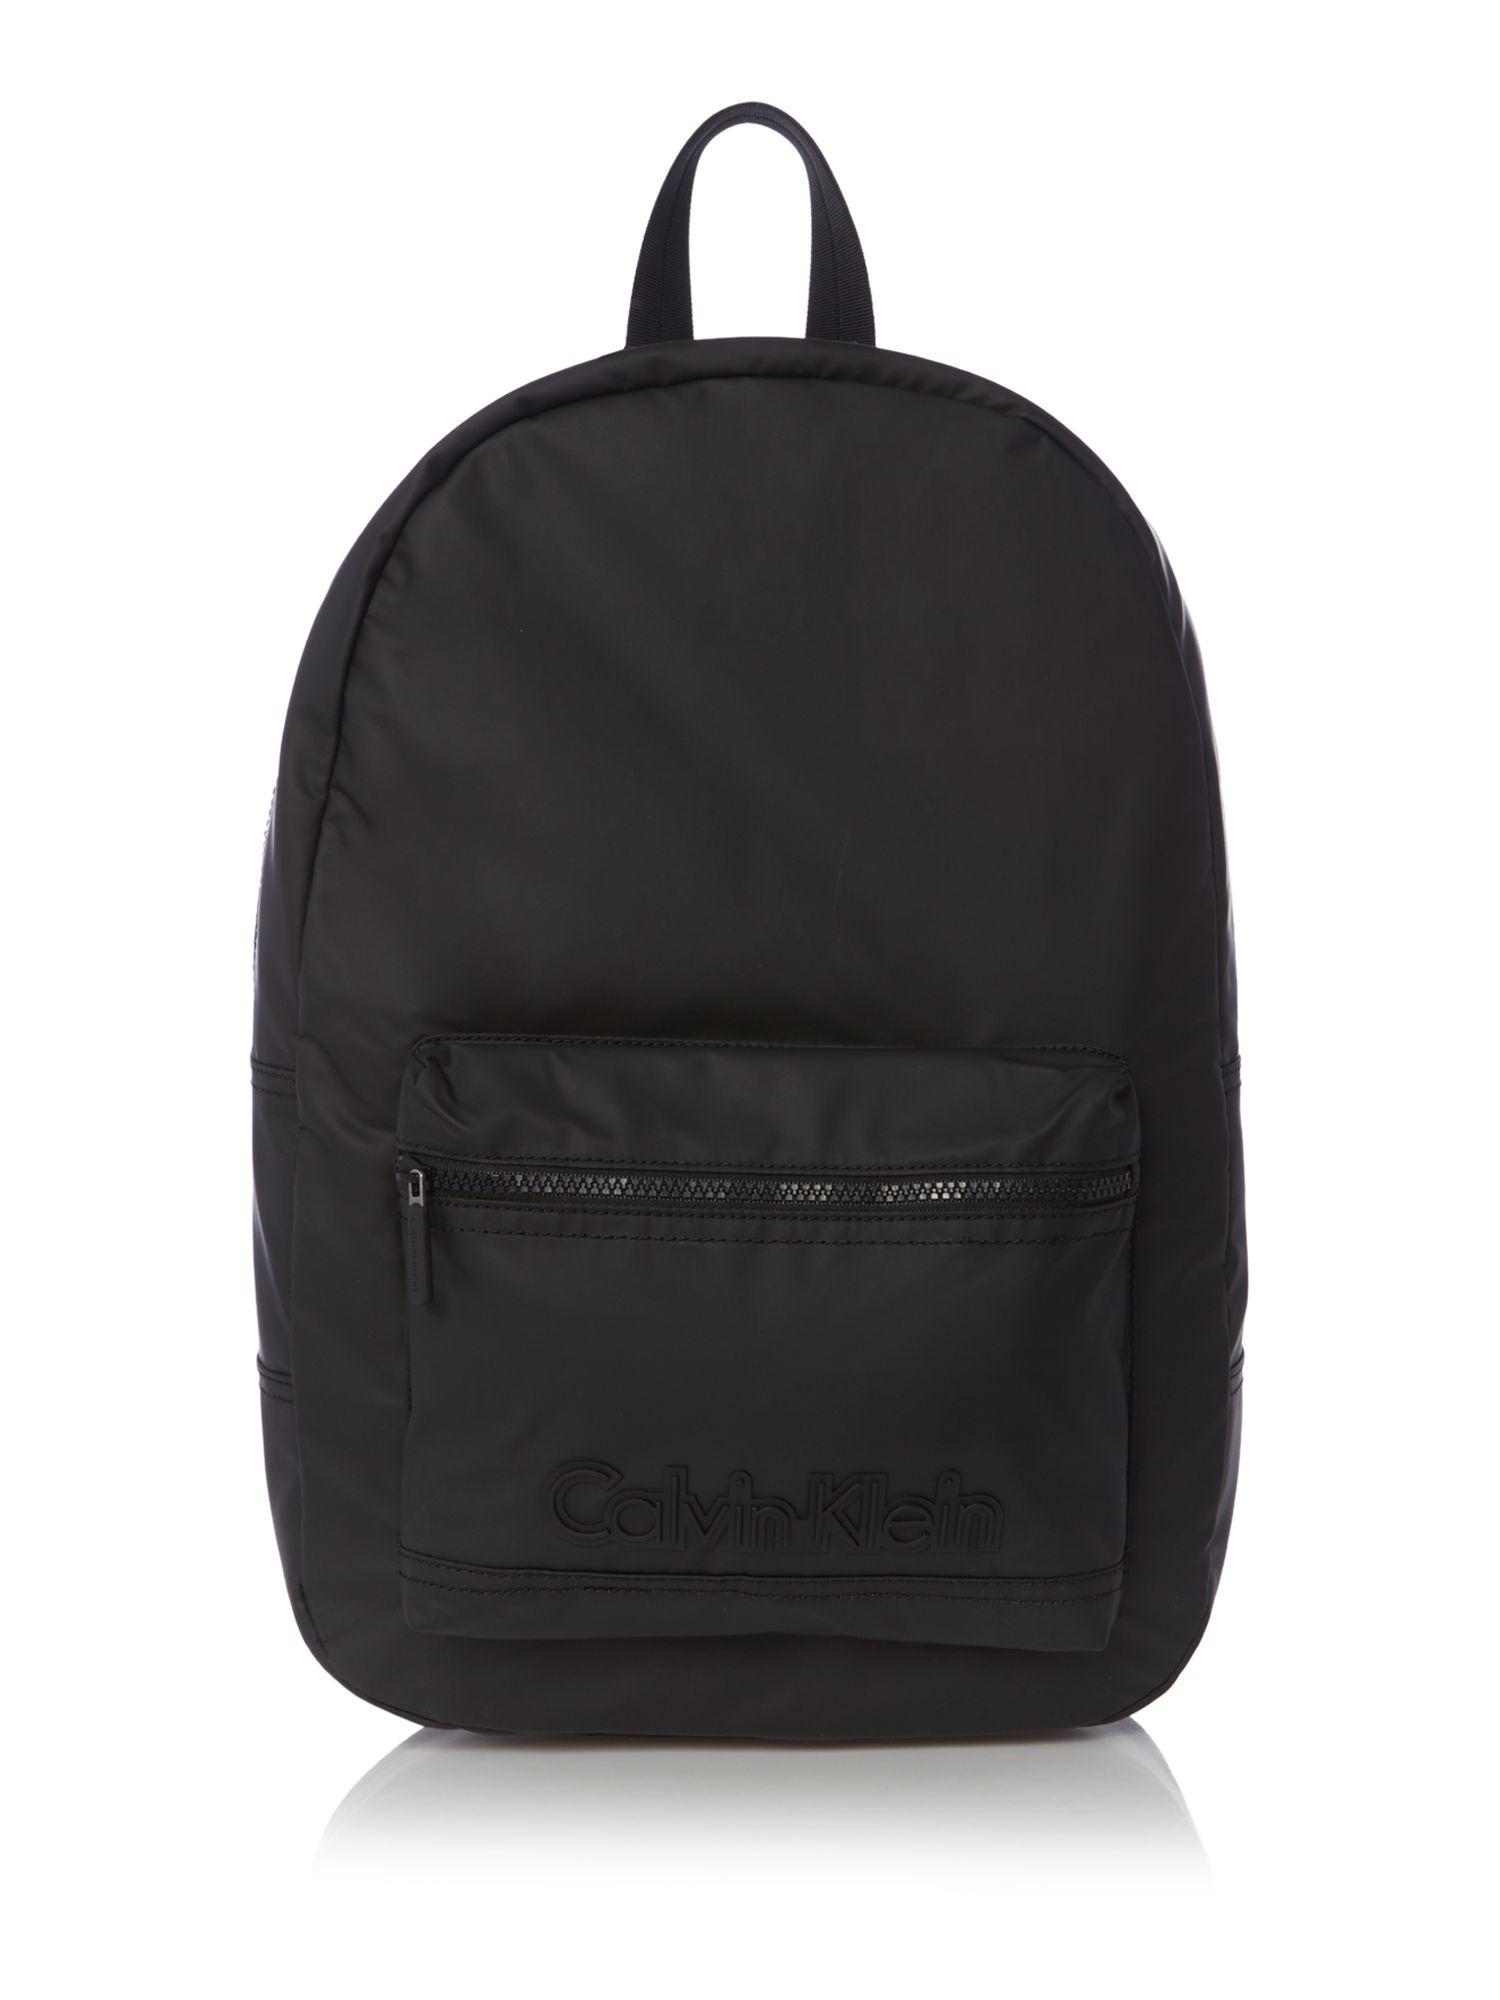 calvin klein metro backpack in black for men lyst. Black Bedroom Furniture Sets. Home Design Ideas